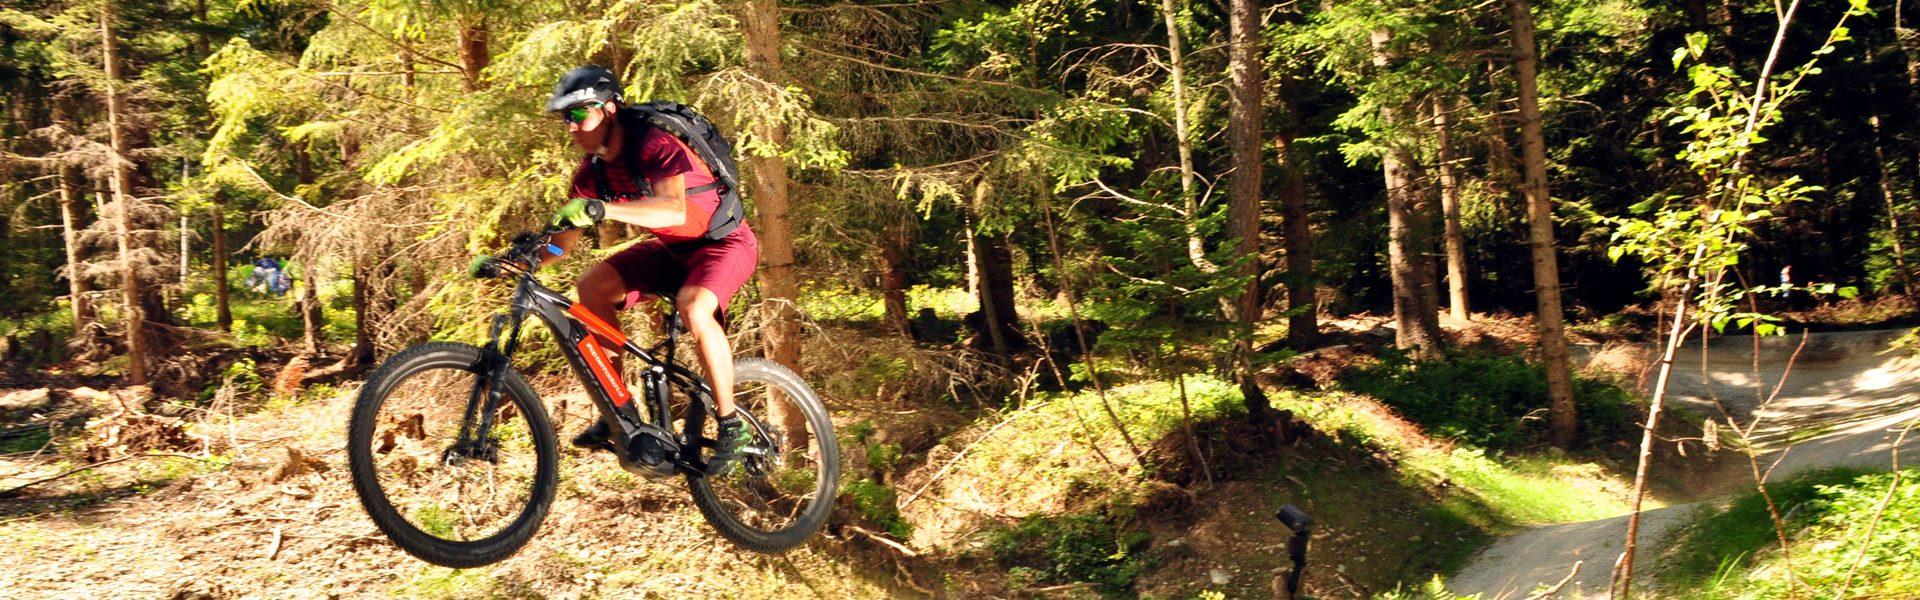 Juhuu- mega fejlesztések a Wexl Trails-nél